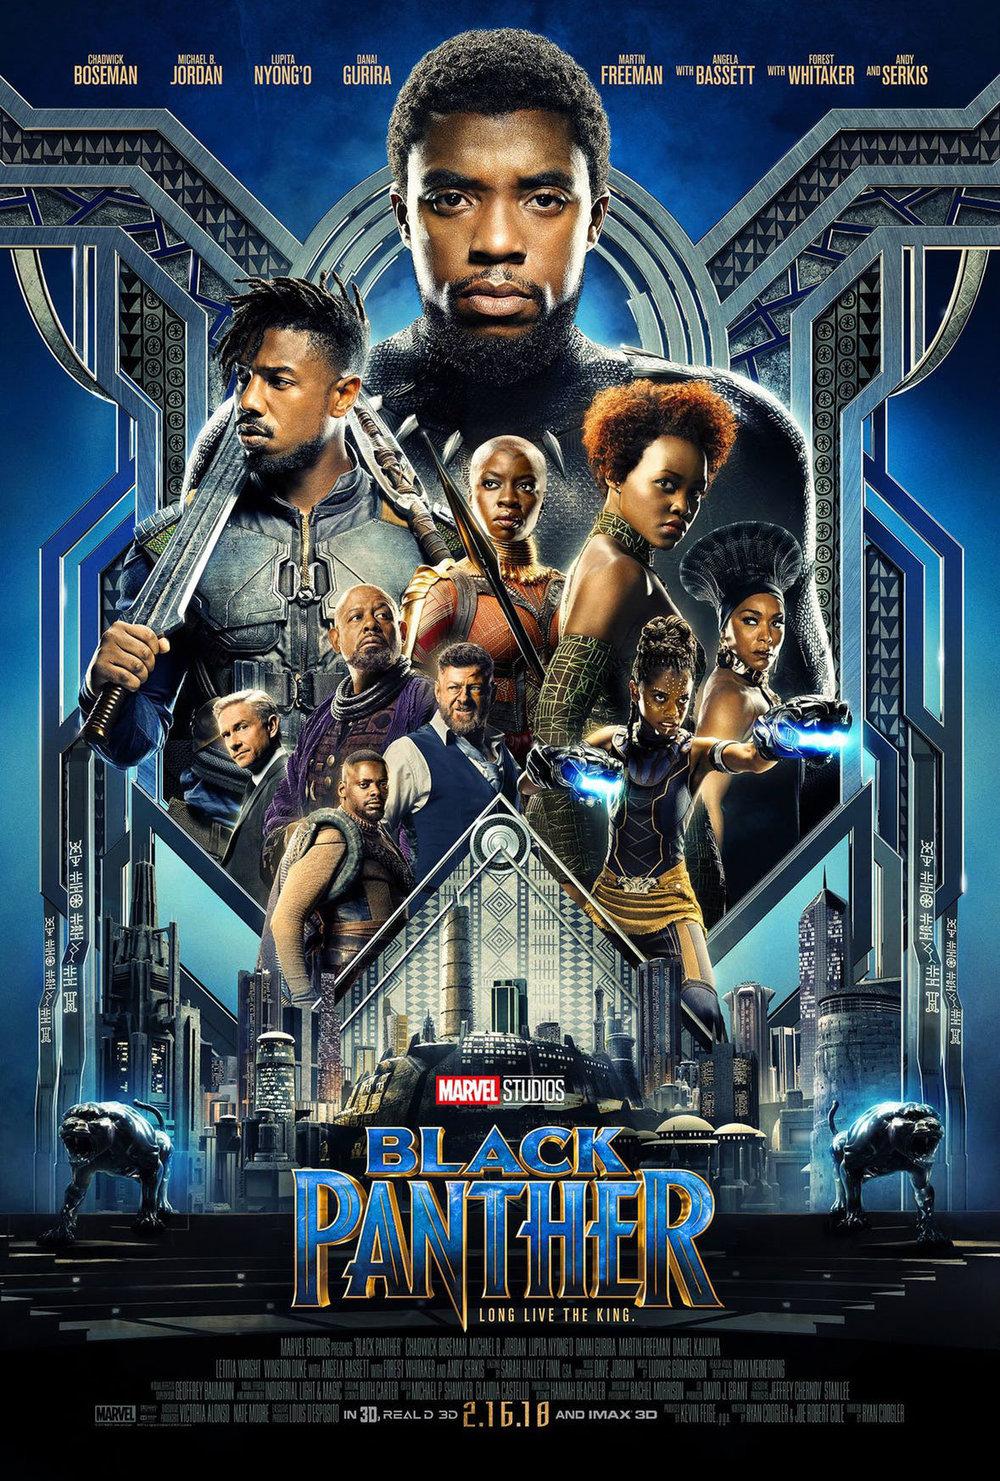 340 Black Panther - Poster.jpg